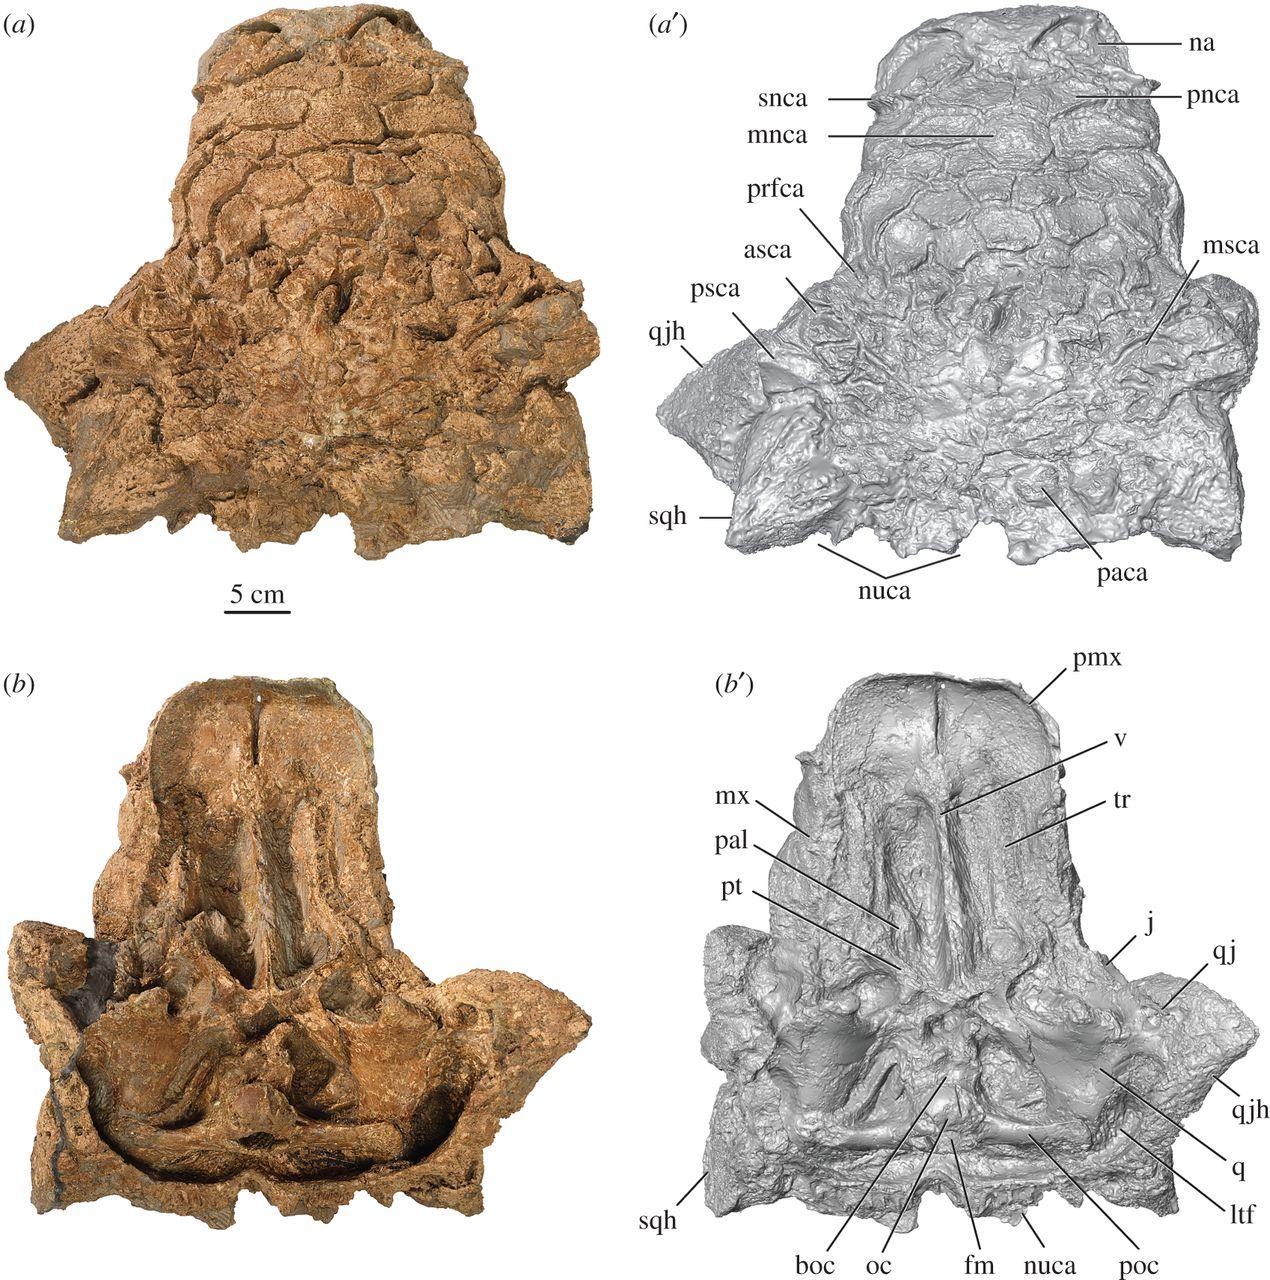 fossil, archaeology, dinosaur